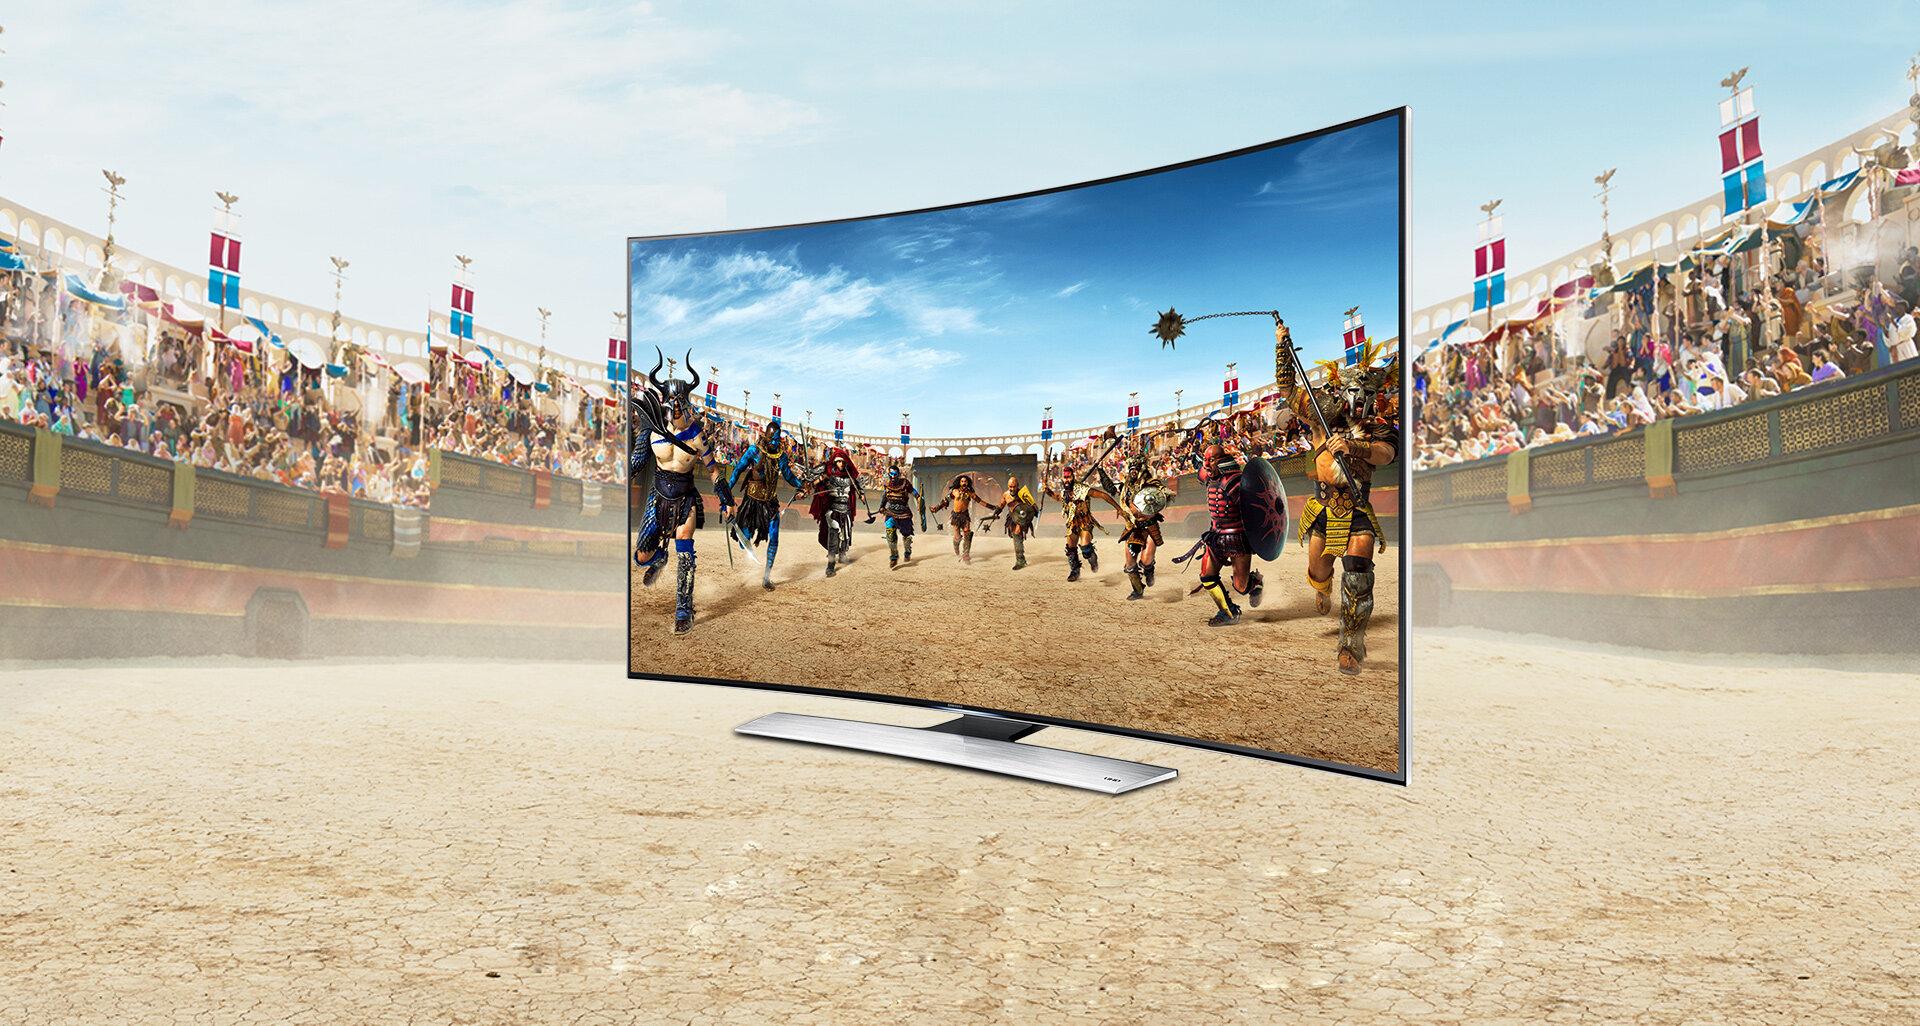 Ấn tượng với thiết kế màn hình cong hoàn mỹ trên tivi